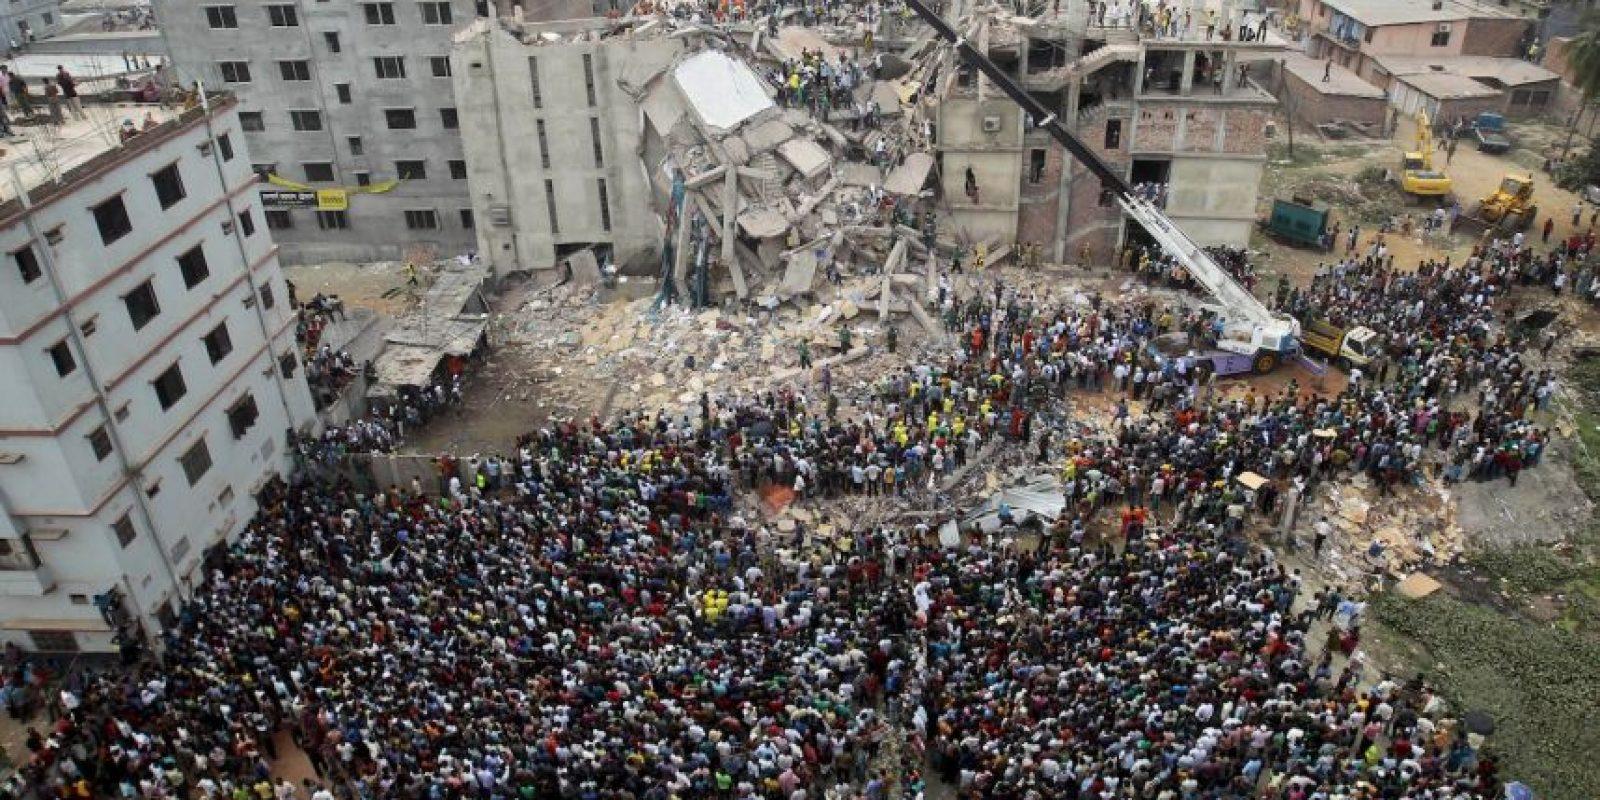 Culpan a 41 personas por el derrumbe de un edificio en Bangladesh. Foto:AP